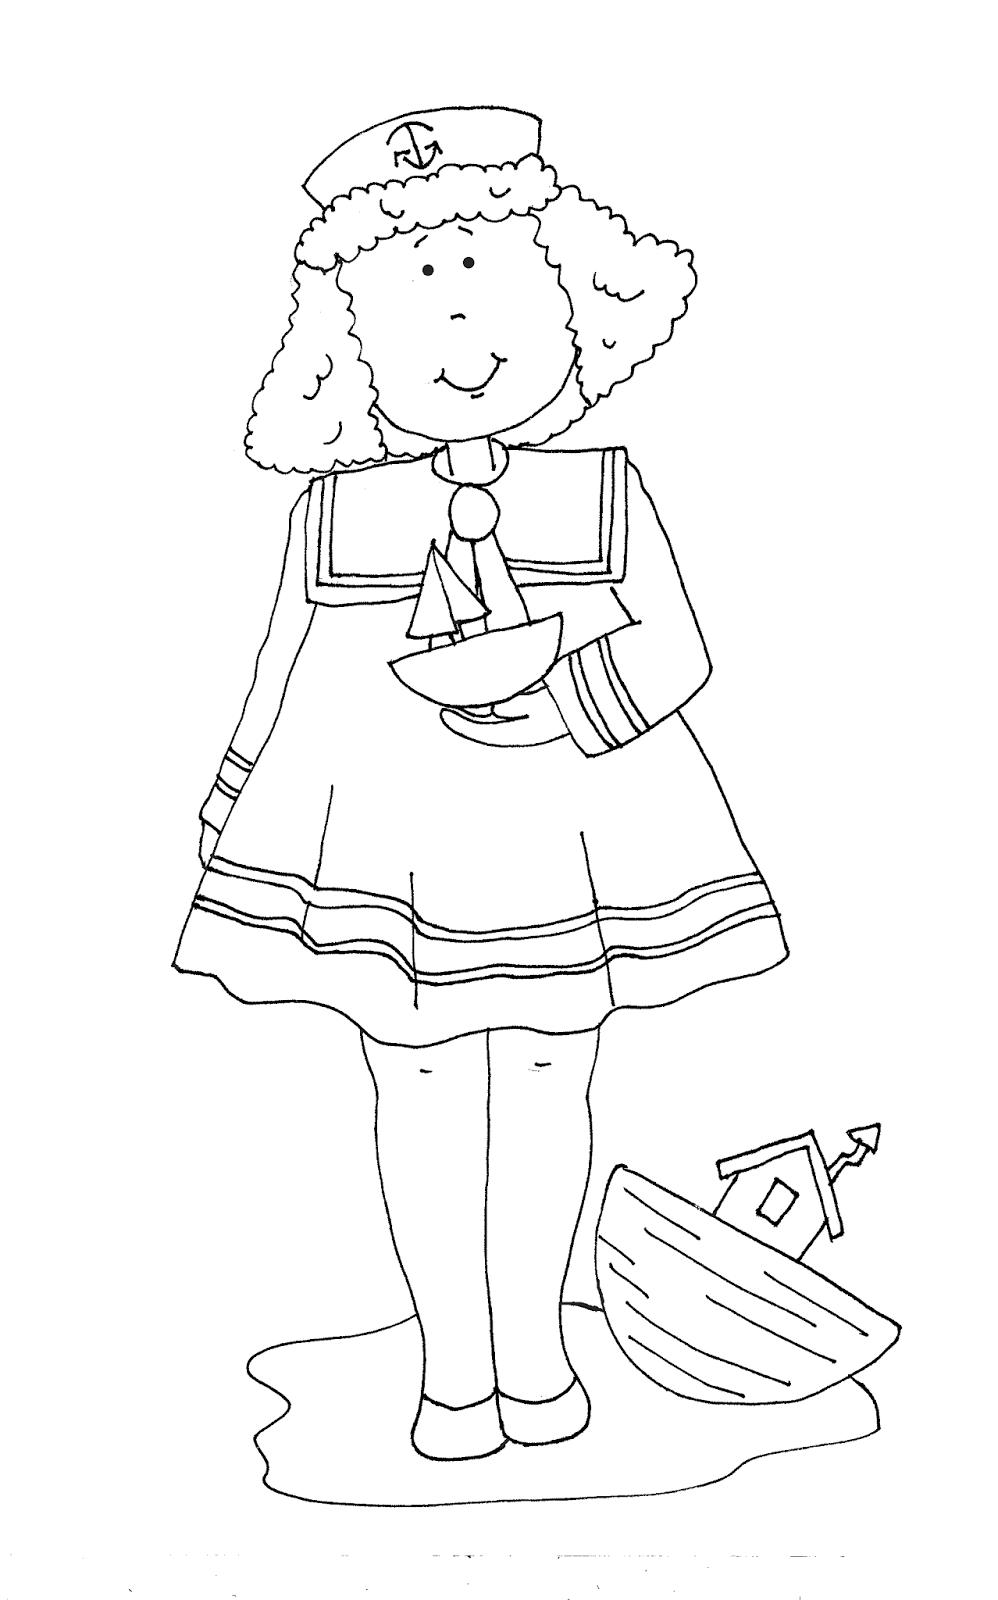 Sailor Girl   Coloring Pages   Digi Stamps, Stamp, Dolls